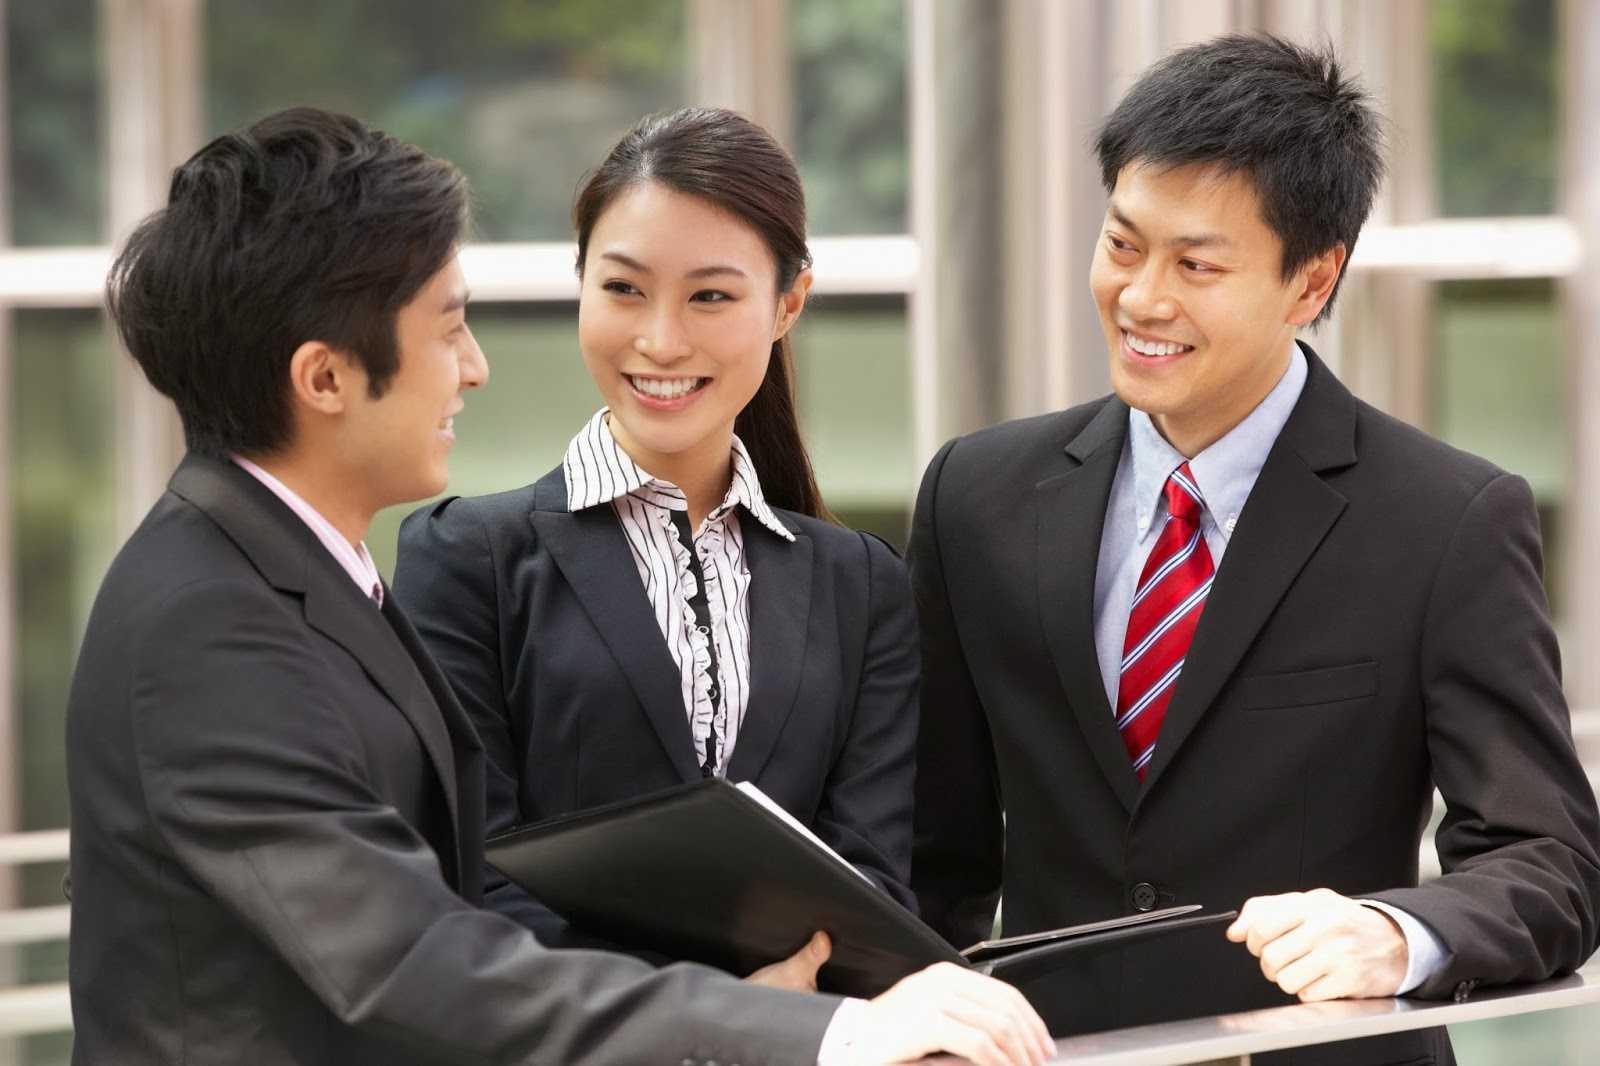 Обмен подарками с коллегами и партнерами по бизнесу